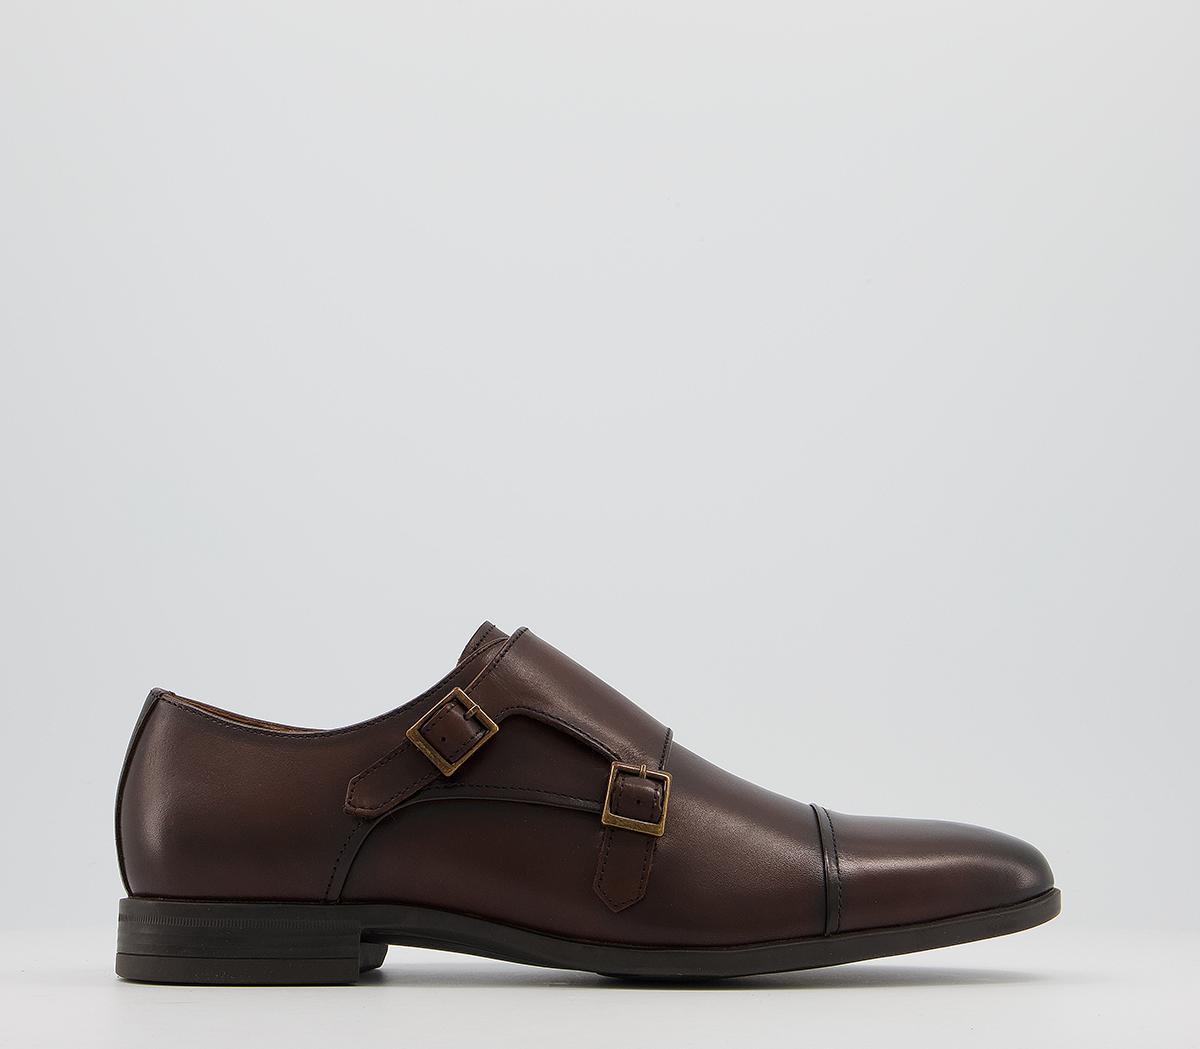 Maddison Monk Shoes